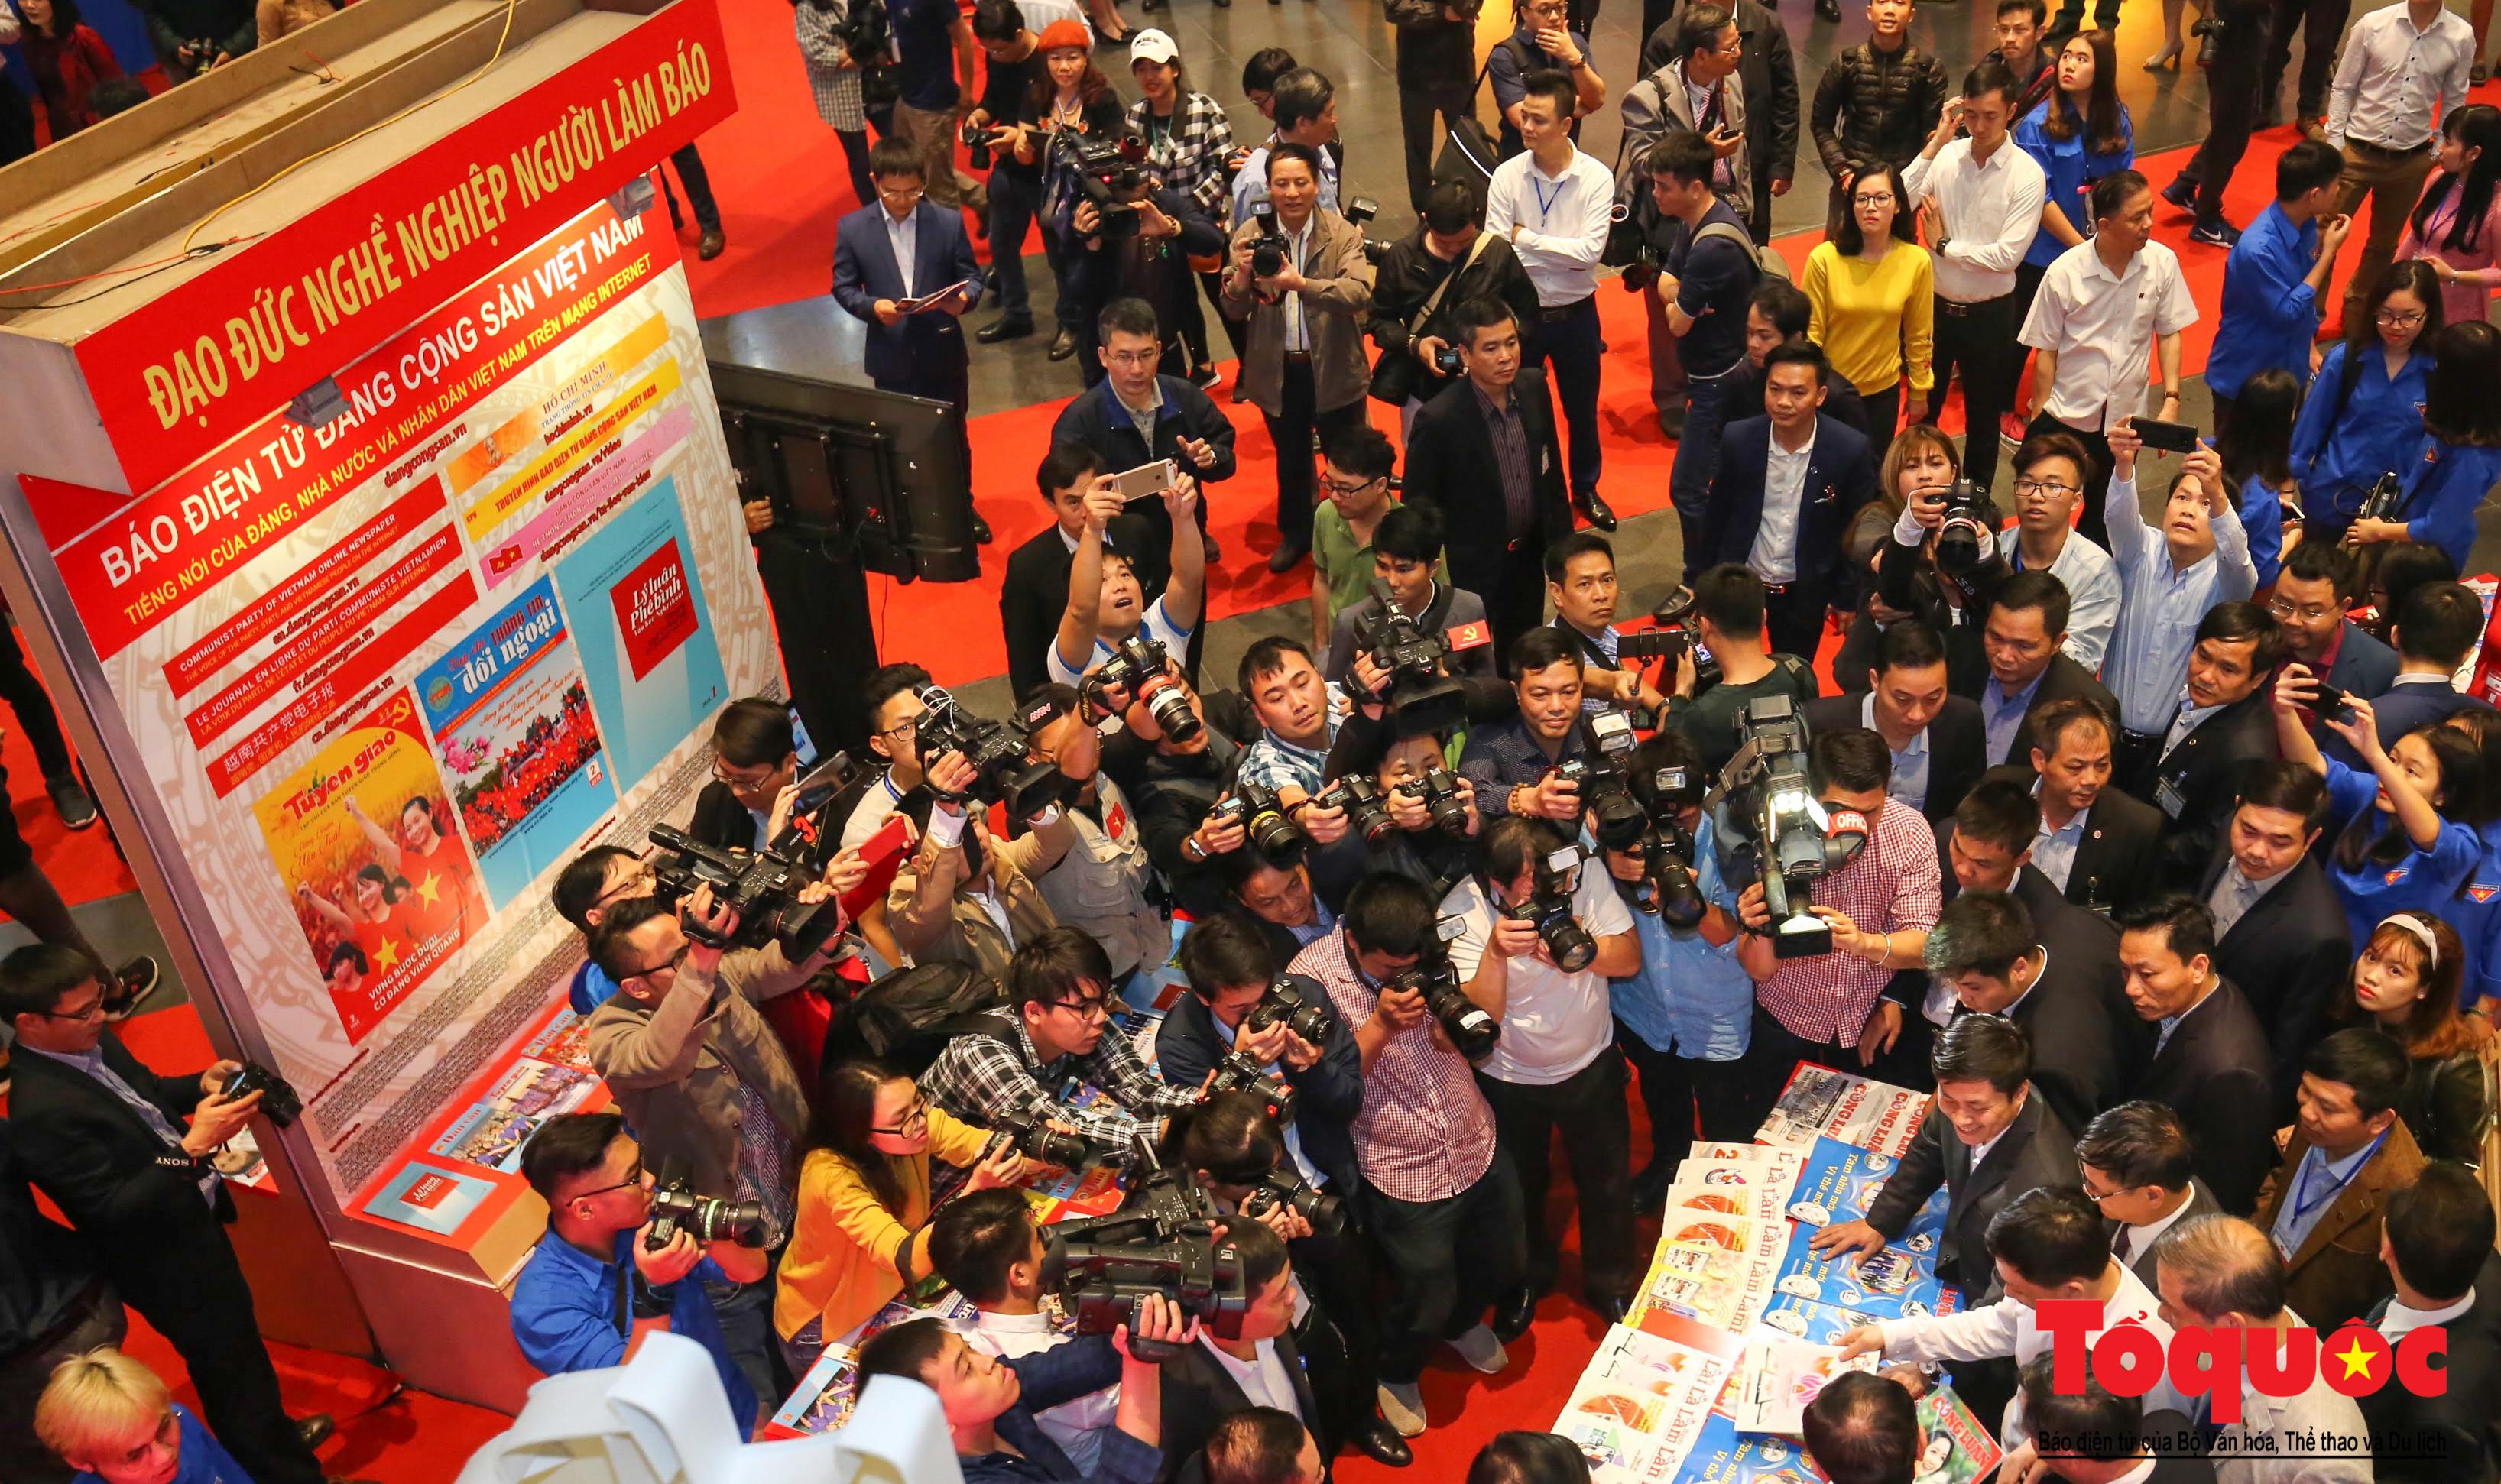 Vietnam : le classement de la liberté de la presse de RSF n'est pas fiable